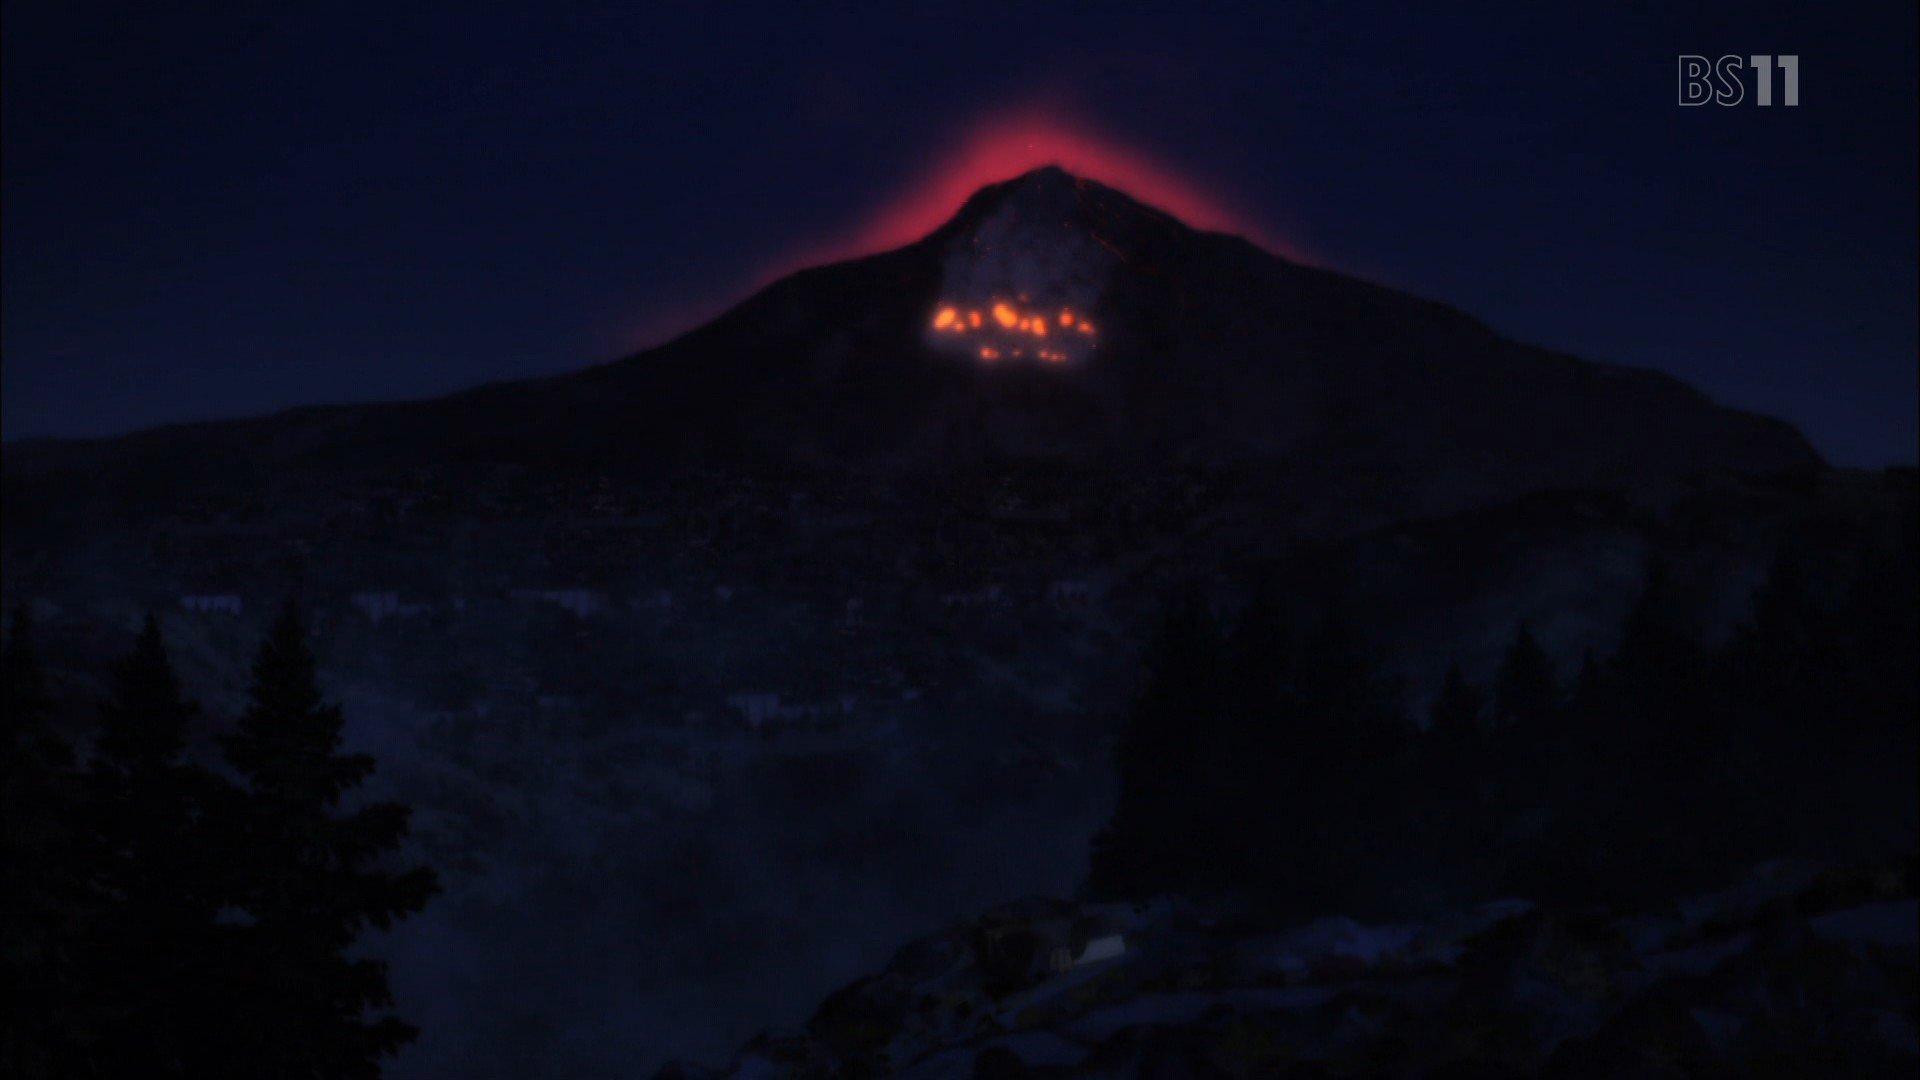 噴火 #kinonotabi #キノの旅 #bs11 https://t.co/bO6bBl6nFs